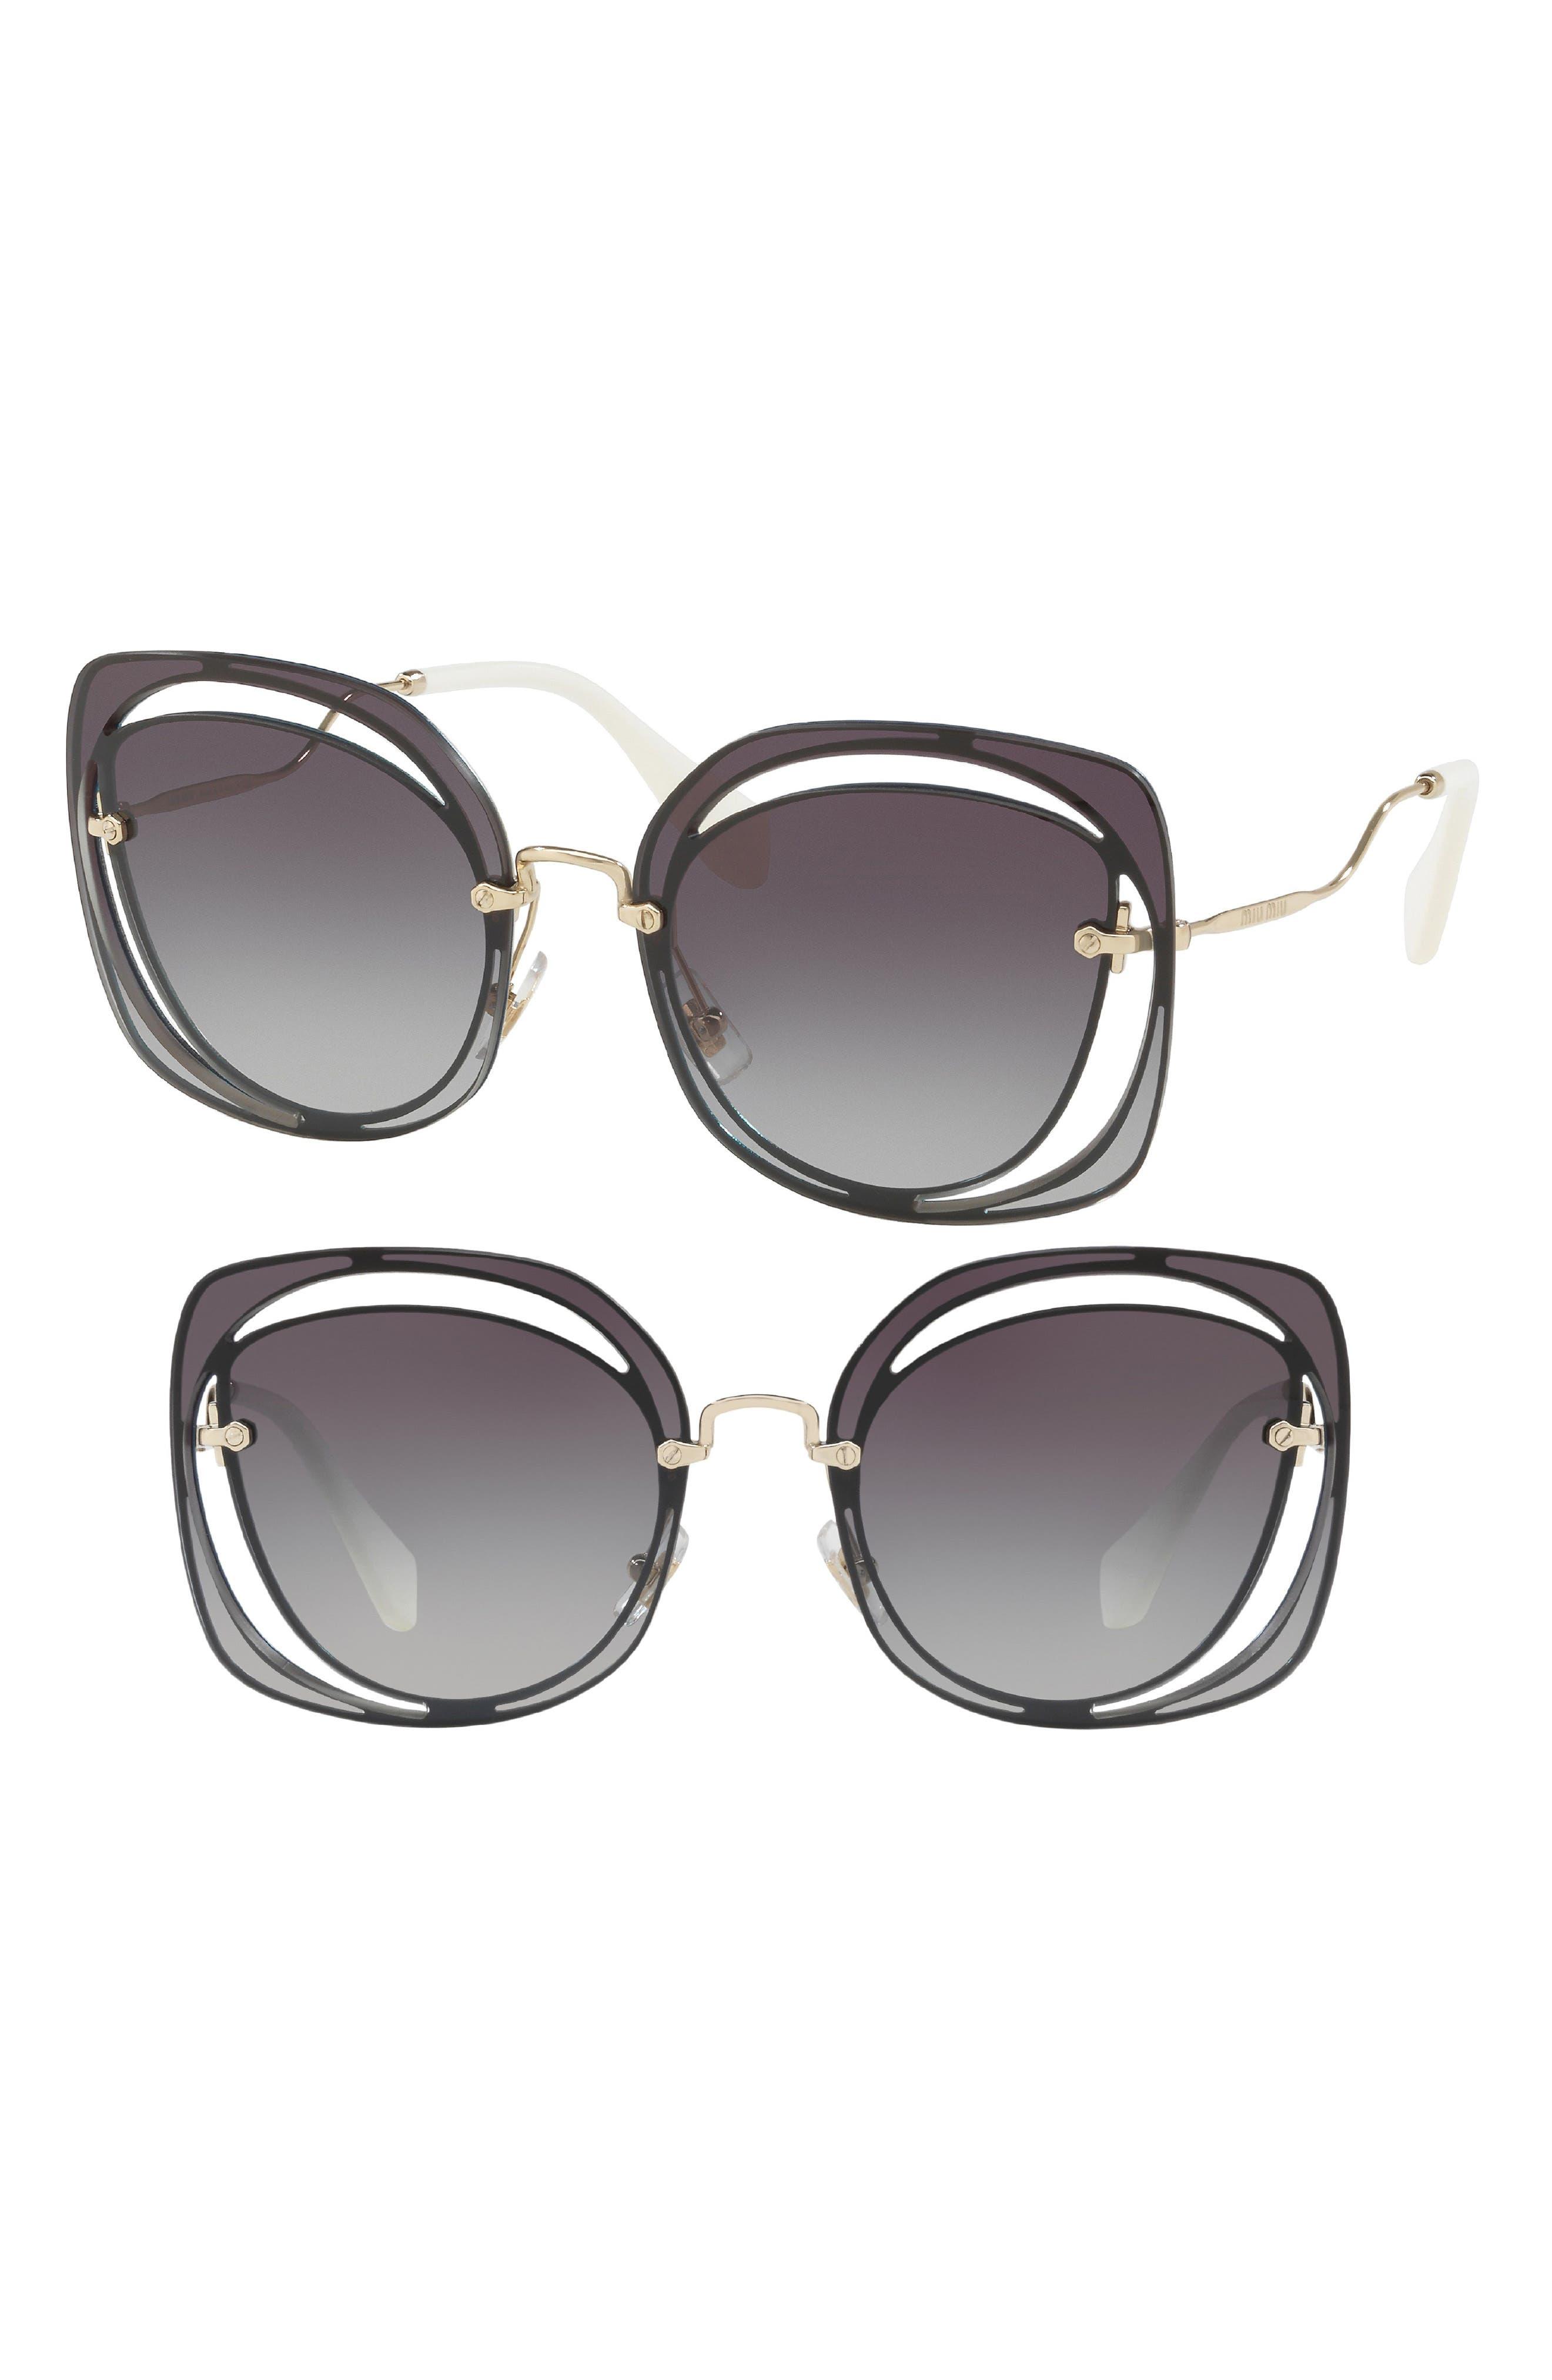 64mm Oversize Sunglasses,                             Main thumbnail 1, color,                             Blue Gradient